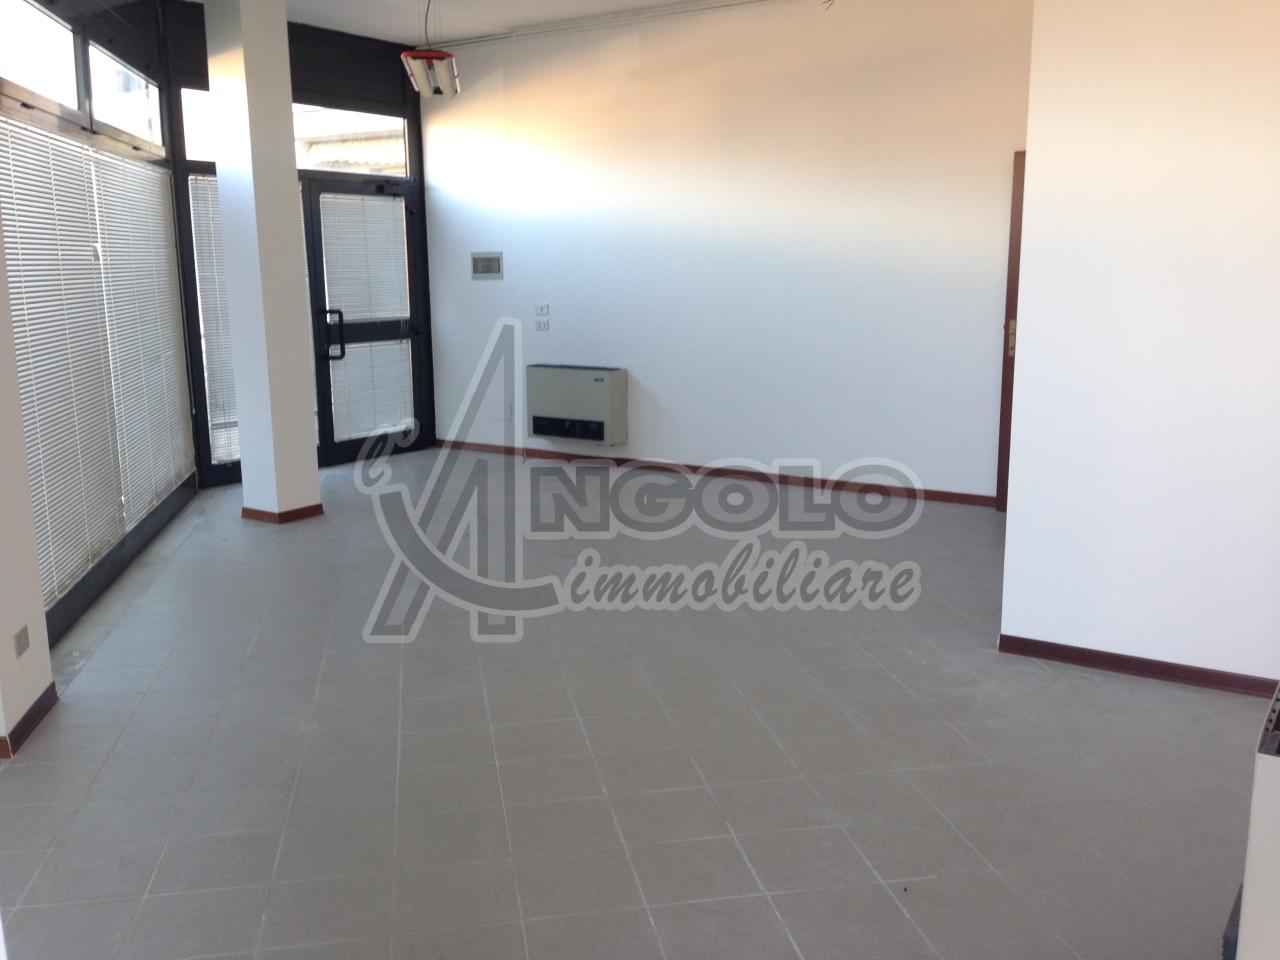 Negozio / Locale in vendita a Occhiobello, 9999 locali, prezzo € 250 | Cambio Casa.it